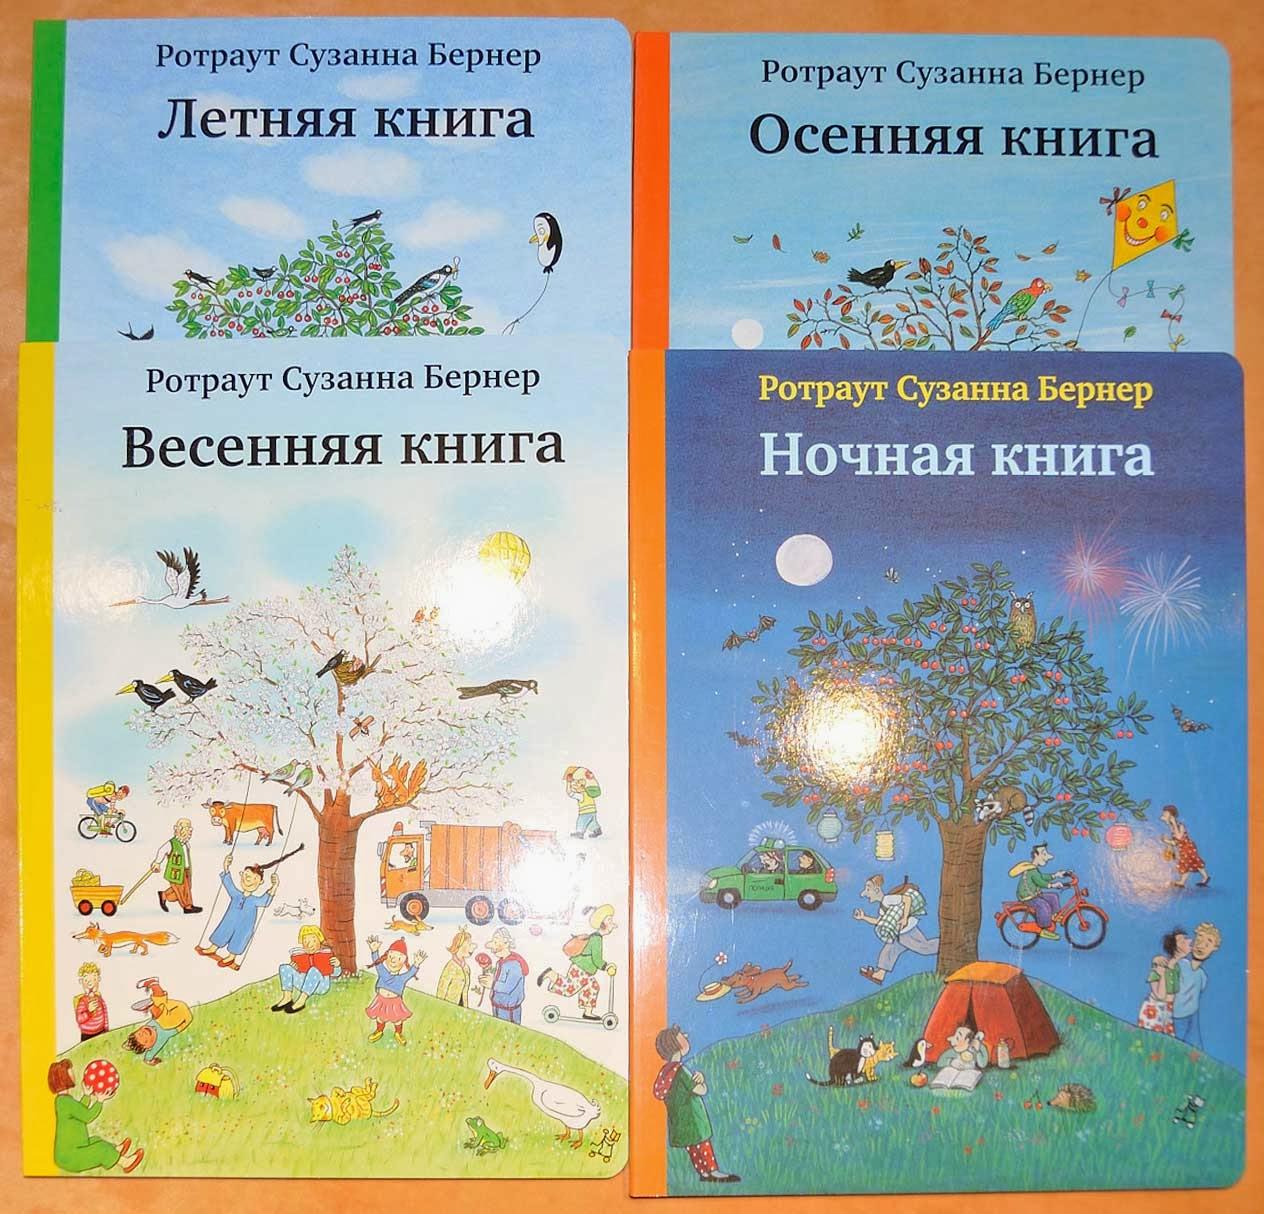 Рассказы в узкую попку 2 фотография